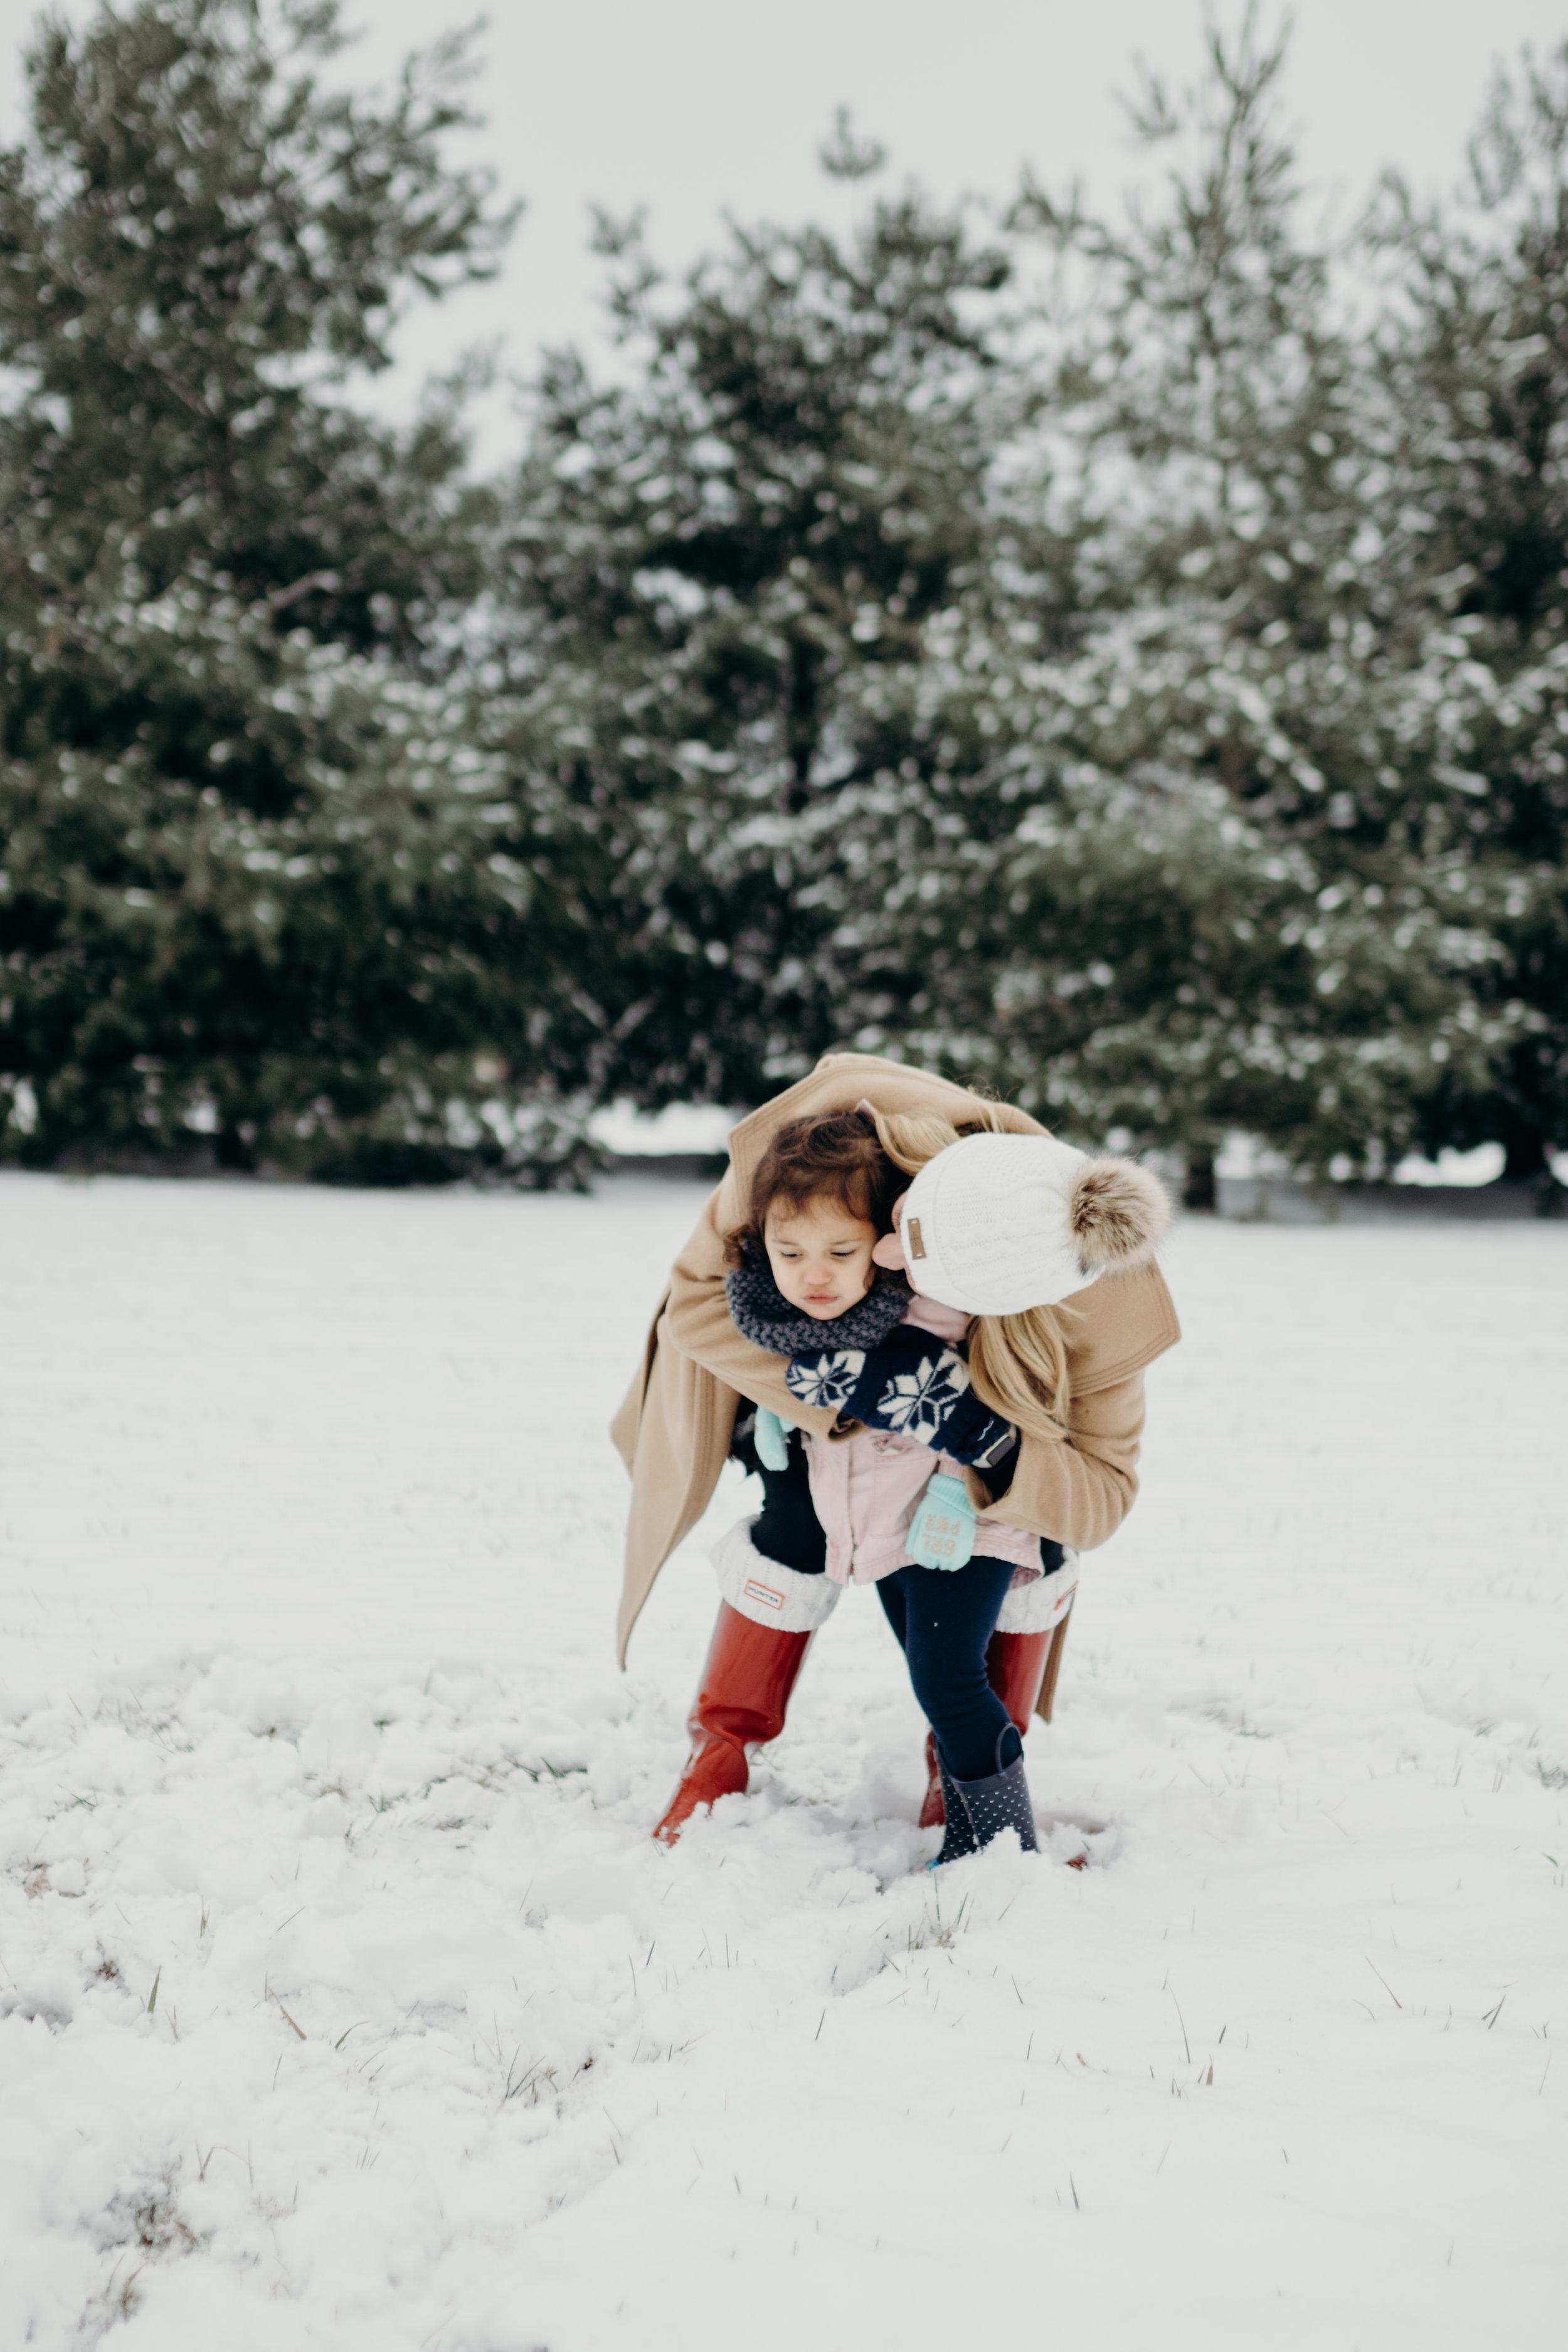 snow-13.jpg